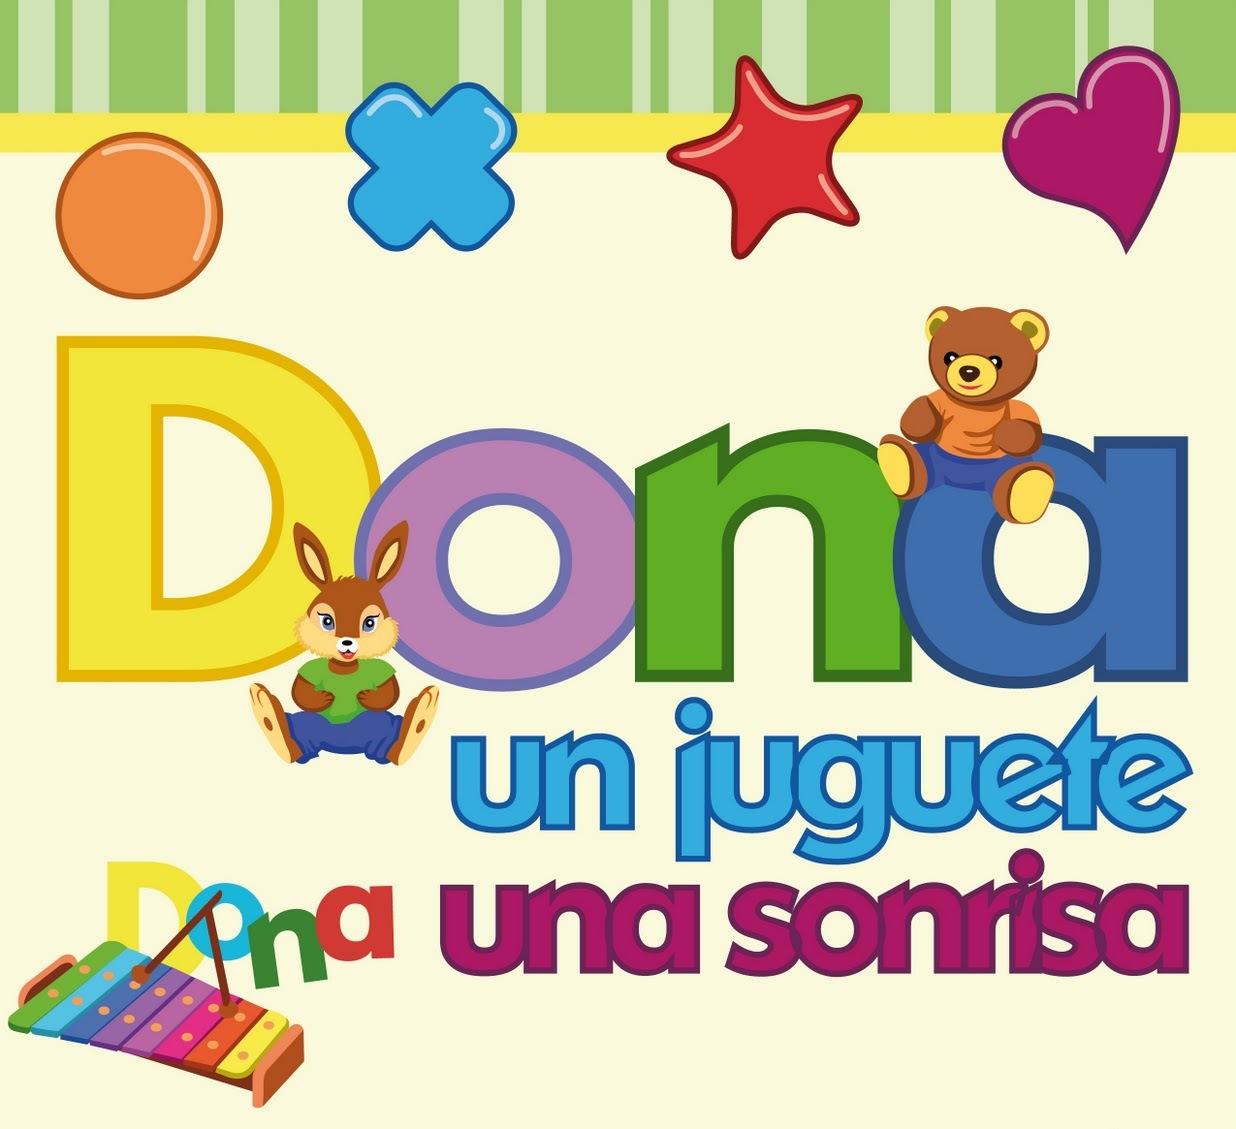 http://3.bp.blogspot.com/-d4bPGm2YzHc/T_Tp2TpuviI/AAAAAAAAAA8/yU8WOje9l8M/s1600/Tarjeta_Dona_un_juguete.JPG